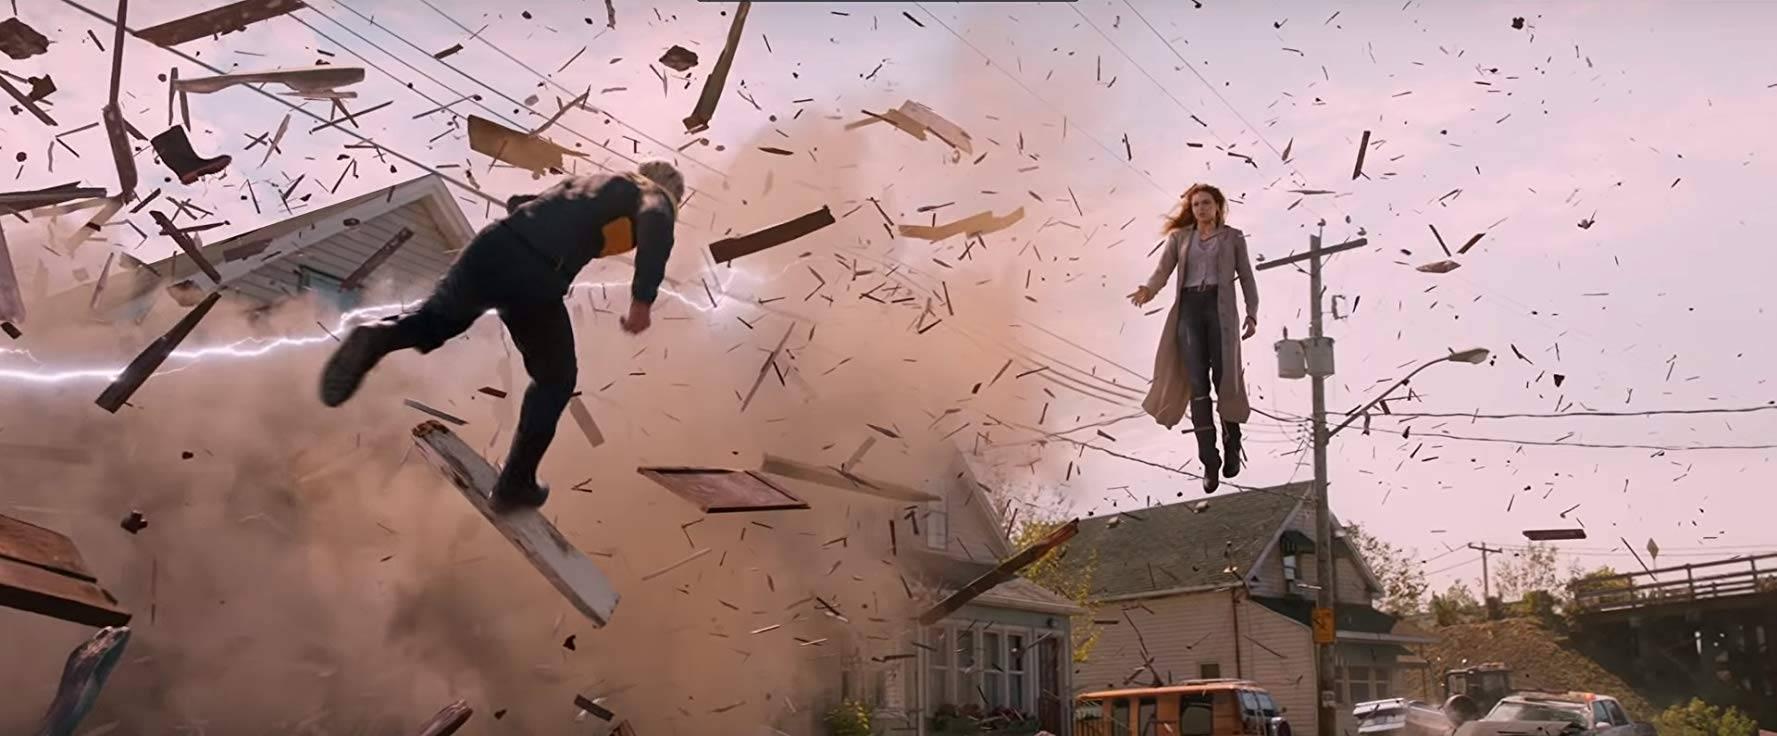 «Тёмный Феникс»: фильм, где мы прощаемся с Людьми Икс